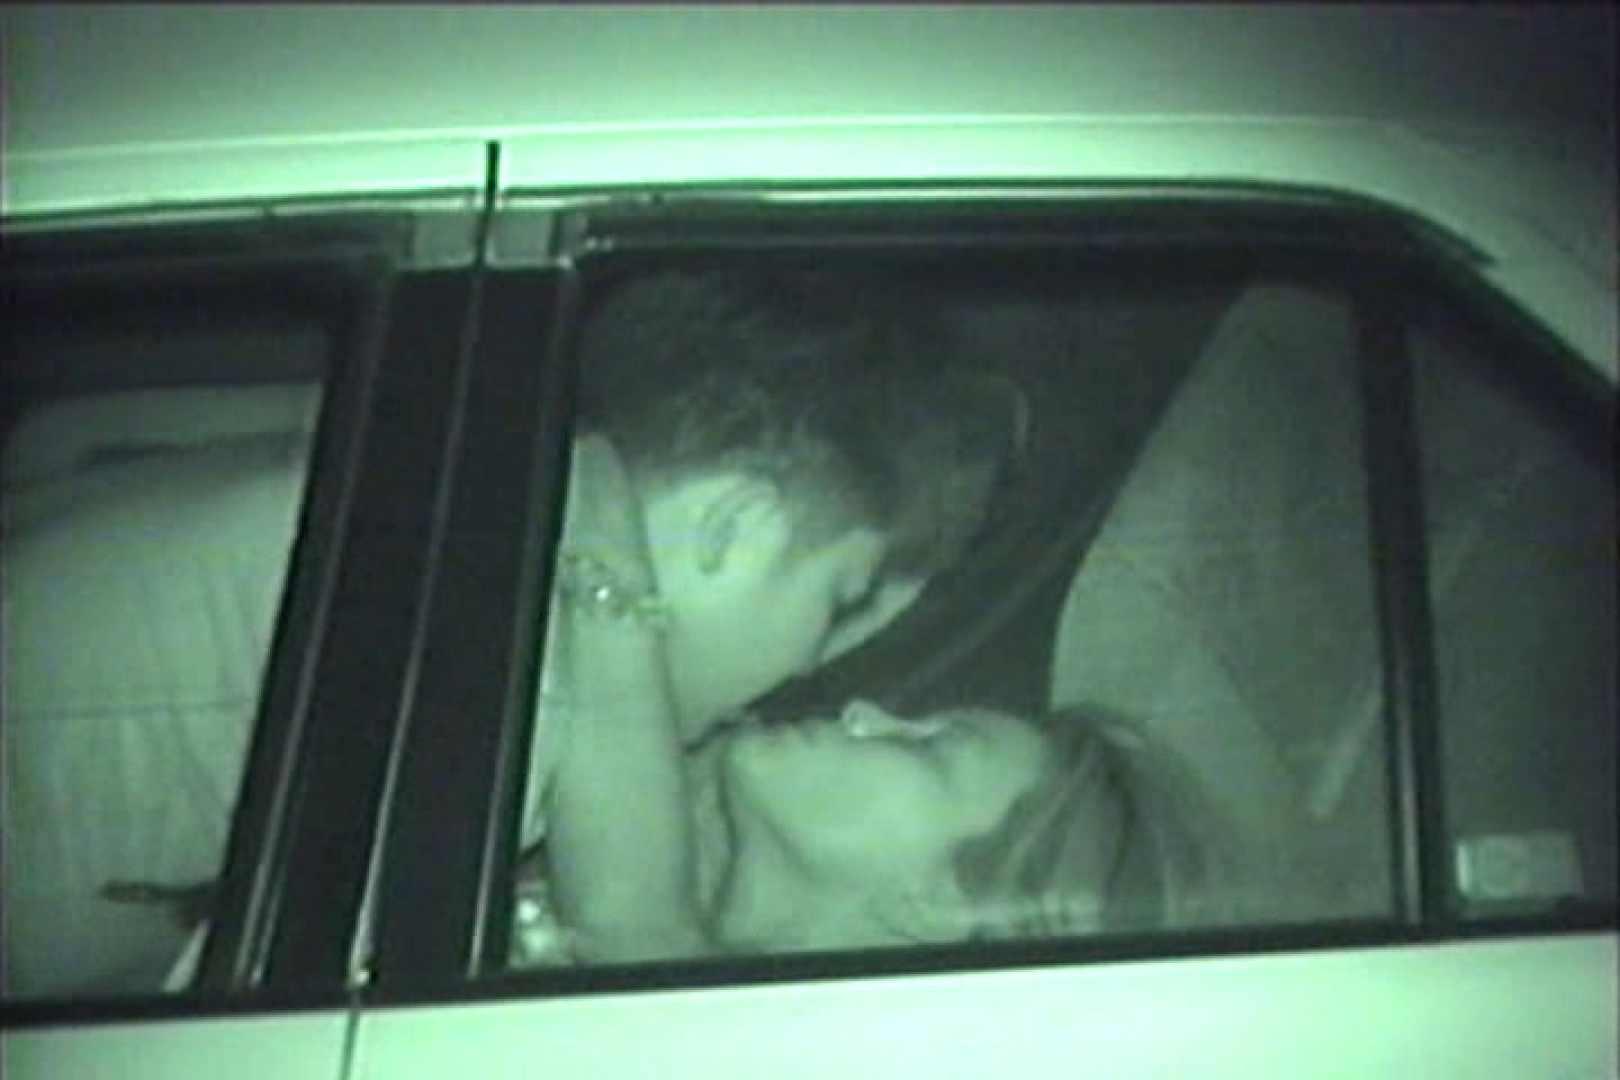 車の中はラブホテル 無修正版  Vol.17 車 おまんこ無修正動画無料 22pic 20